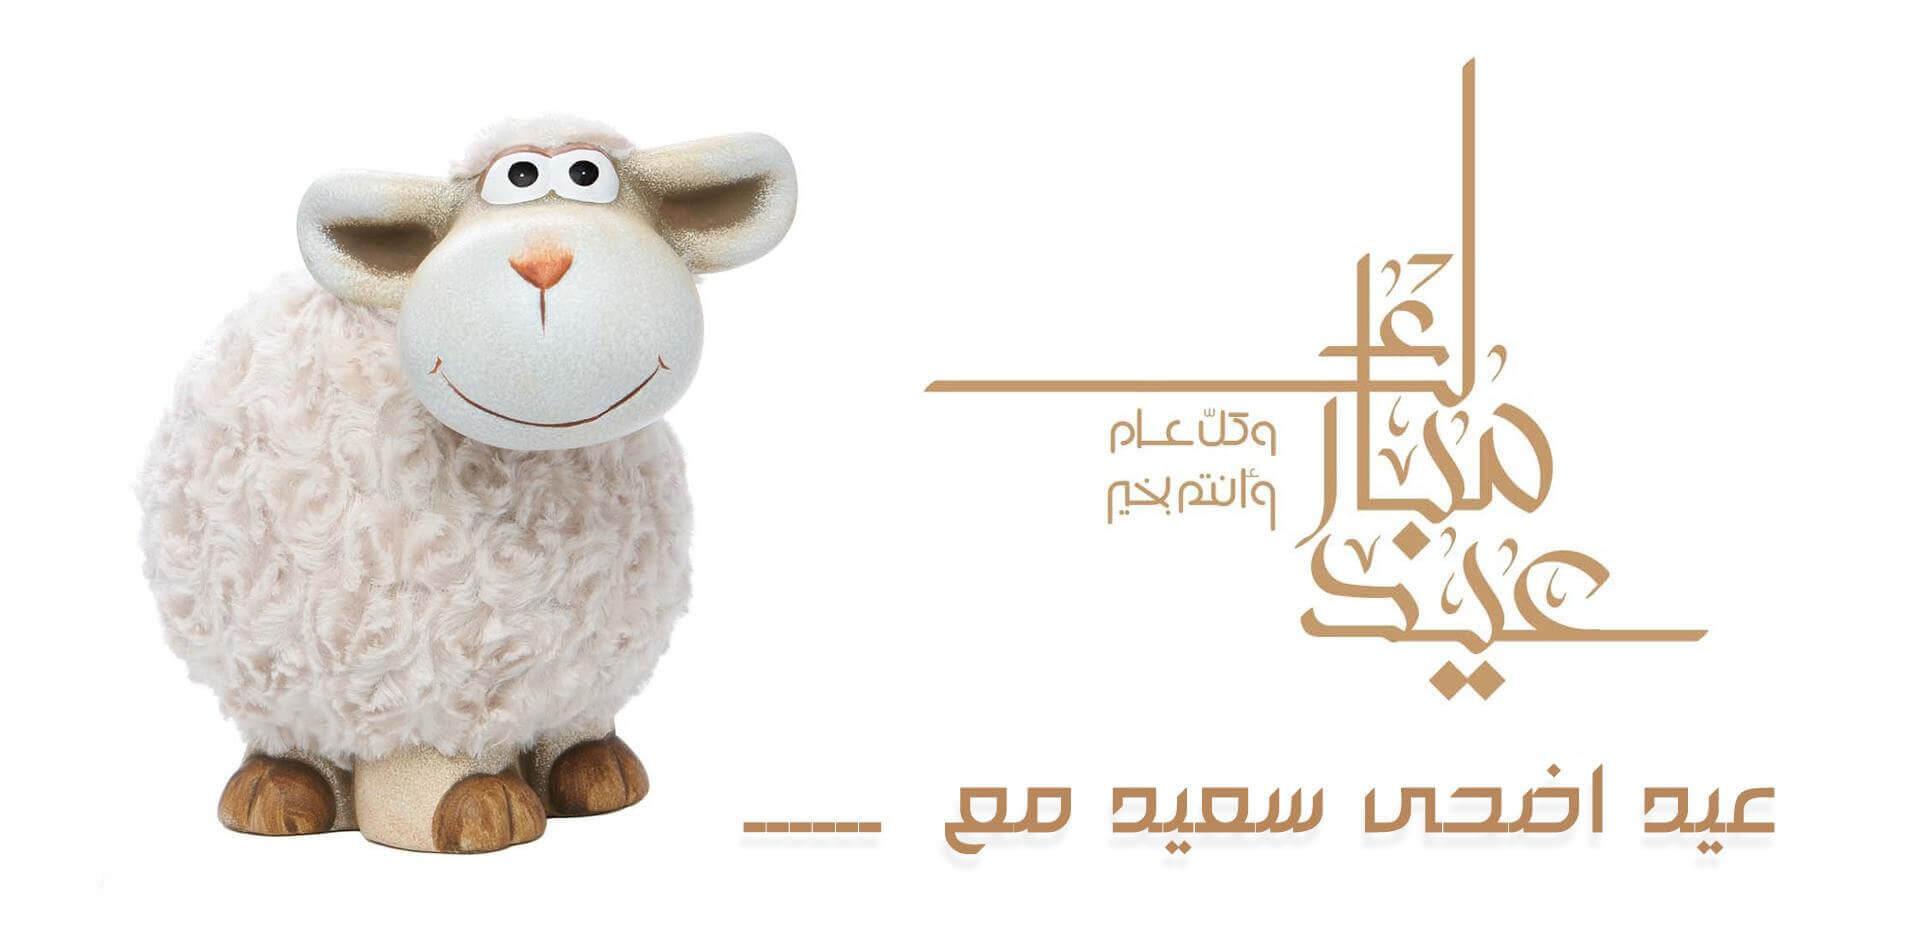 أفضل رسائل وعبارات تهنئة عيد أضحى مبارك تريندات